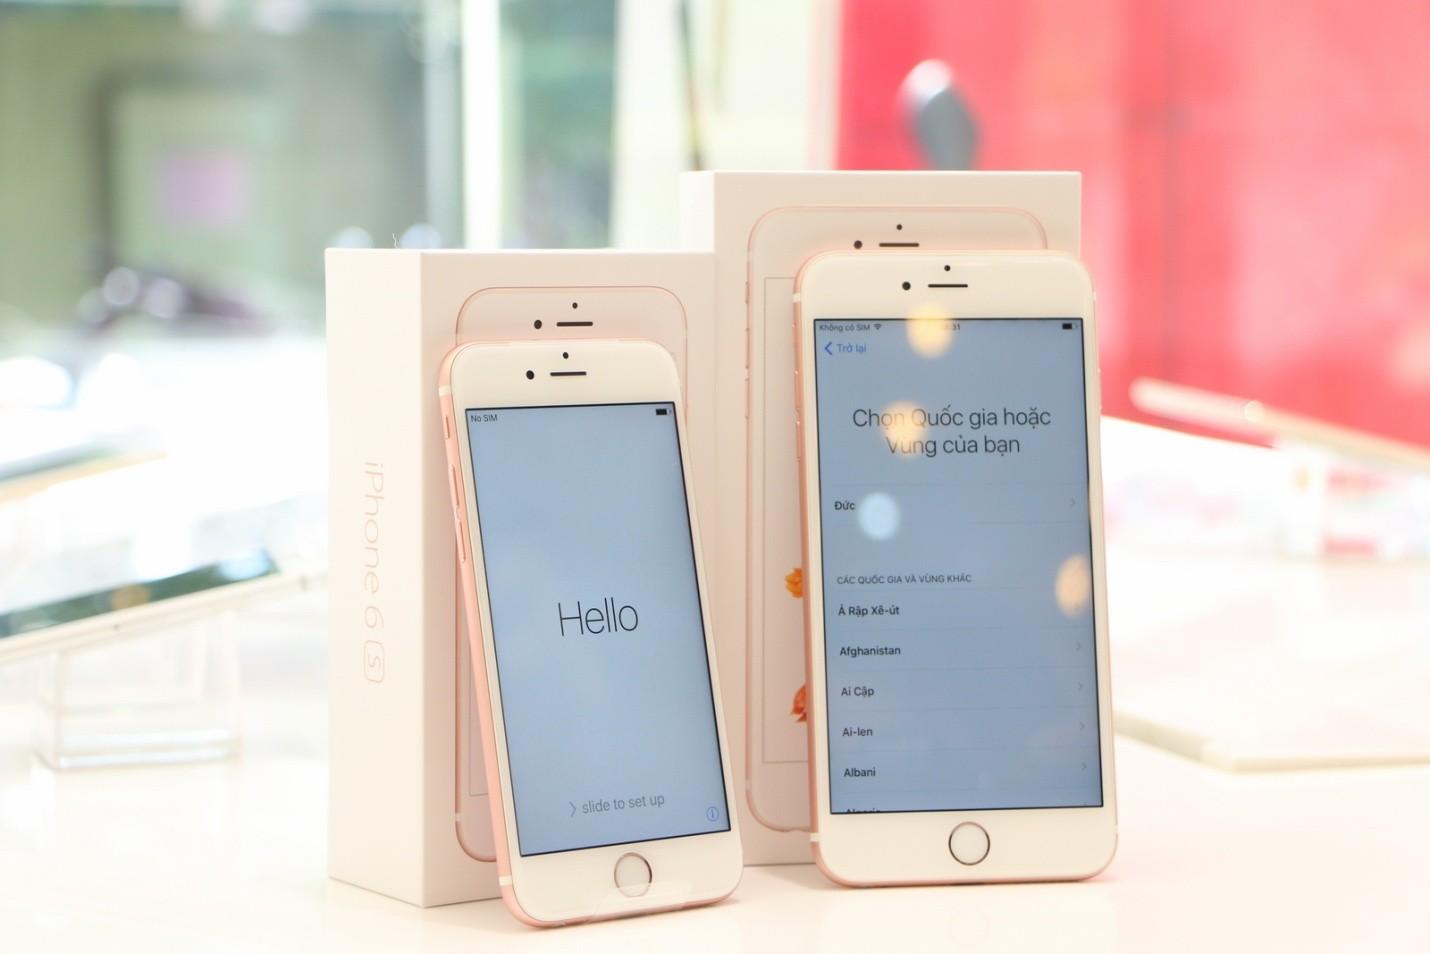 iphone 6s chinh hang - iPhone 6s/6s Plus chính hãng khuấy động thị trường